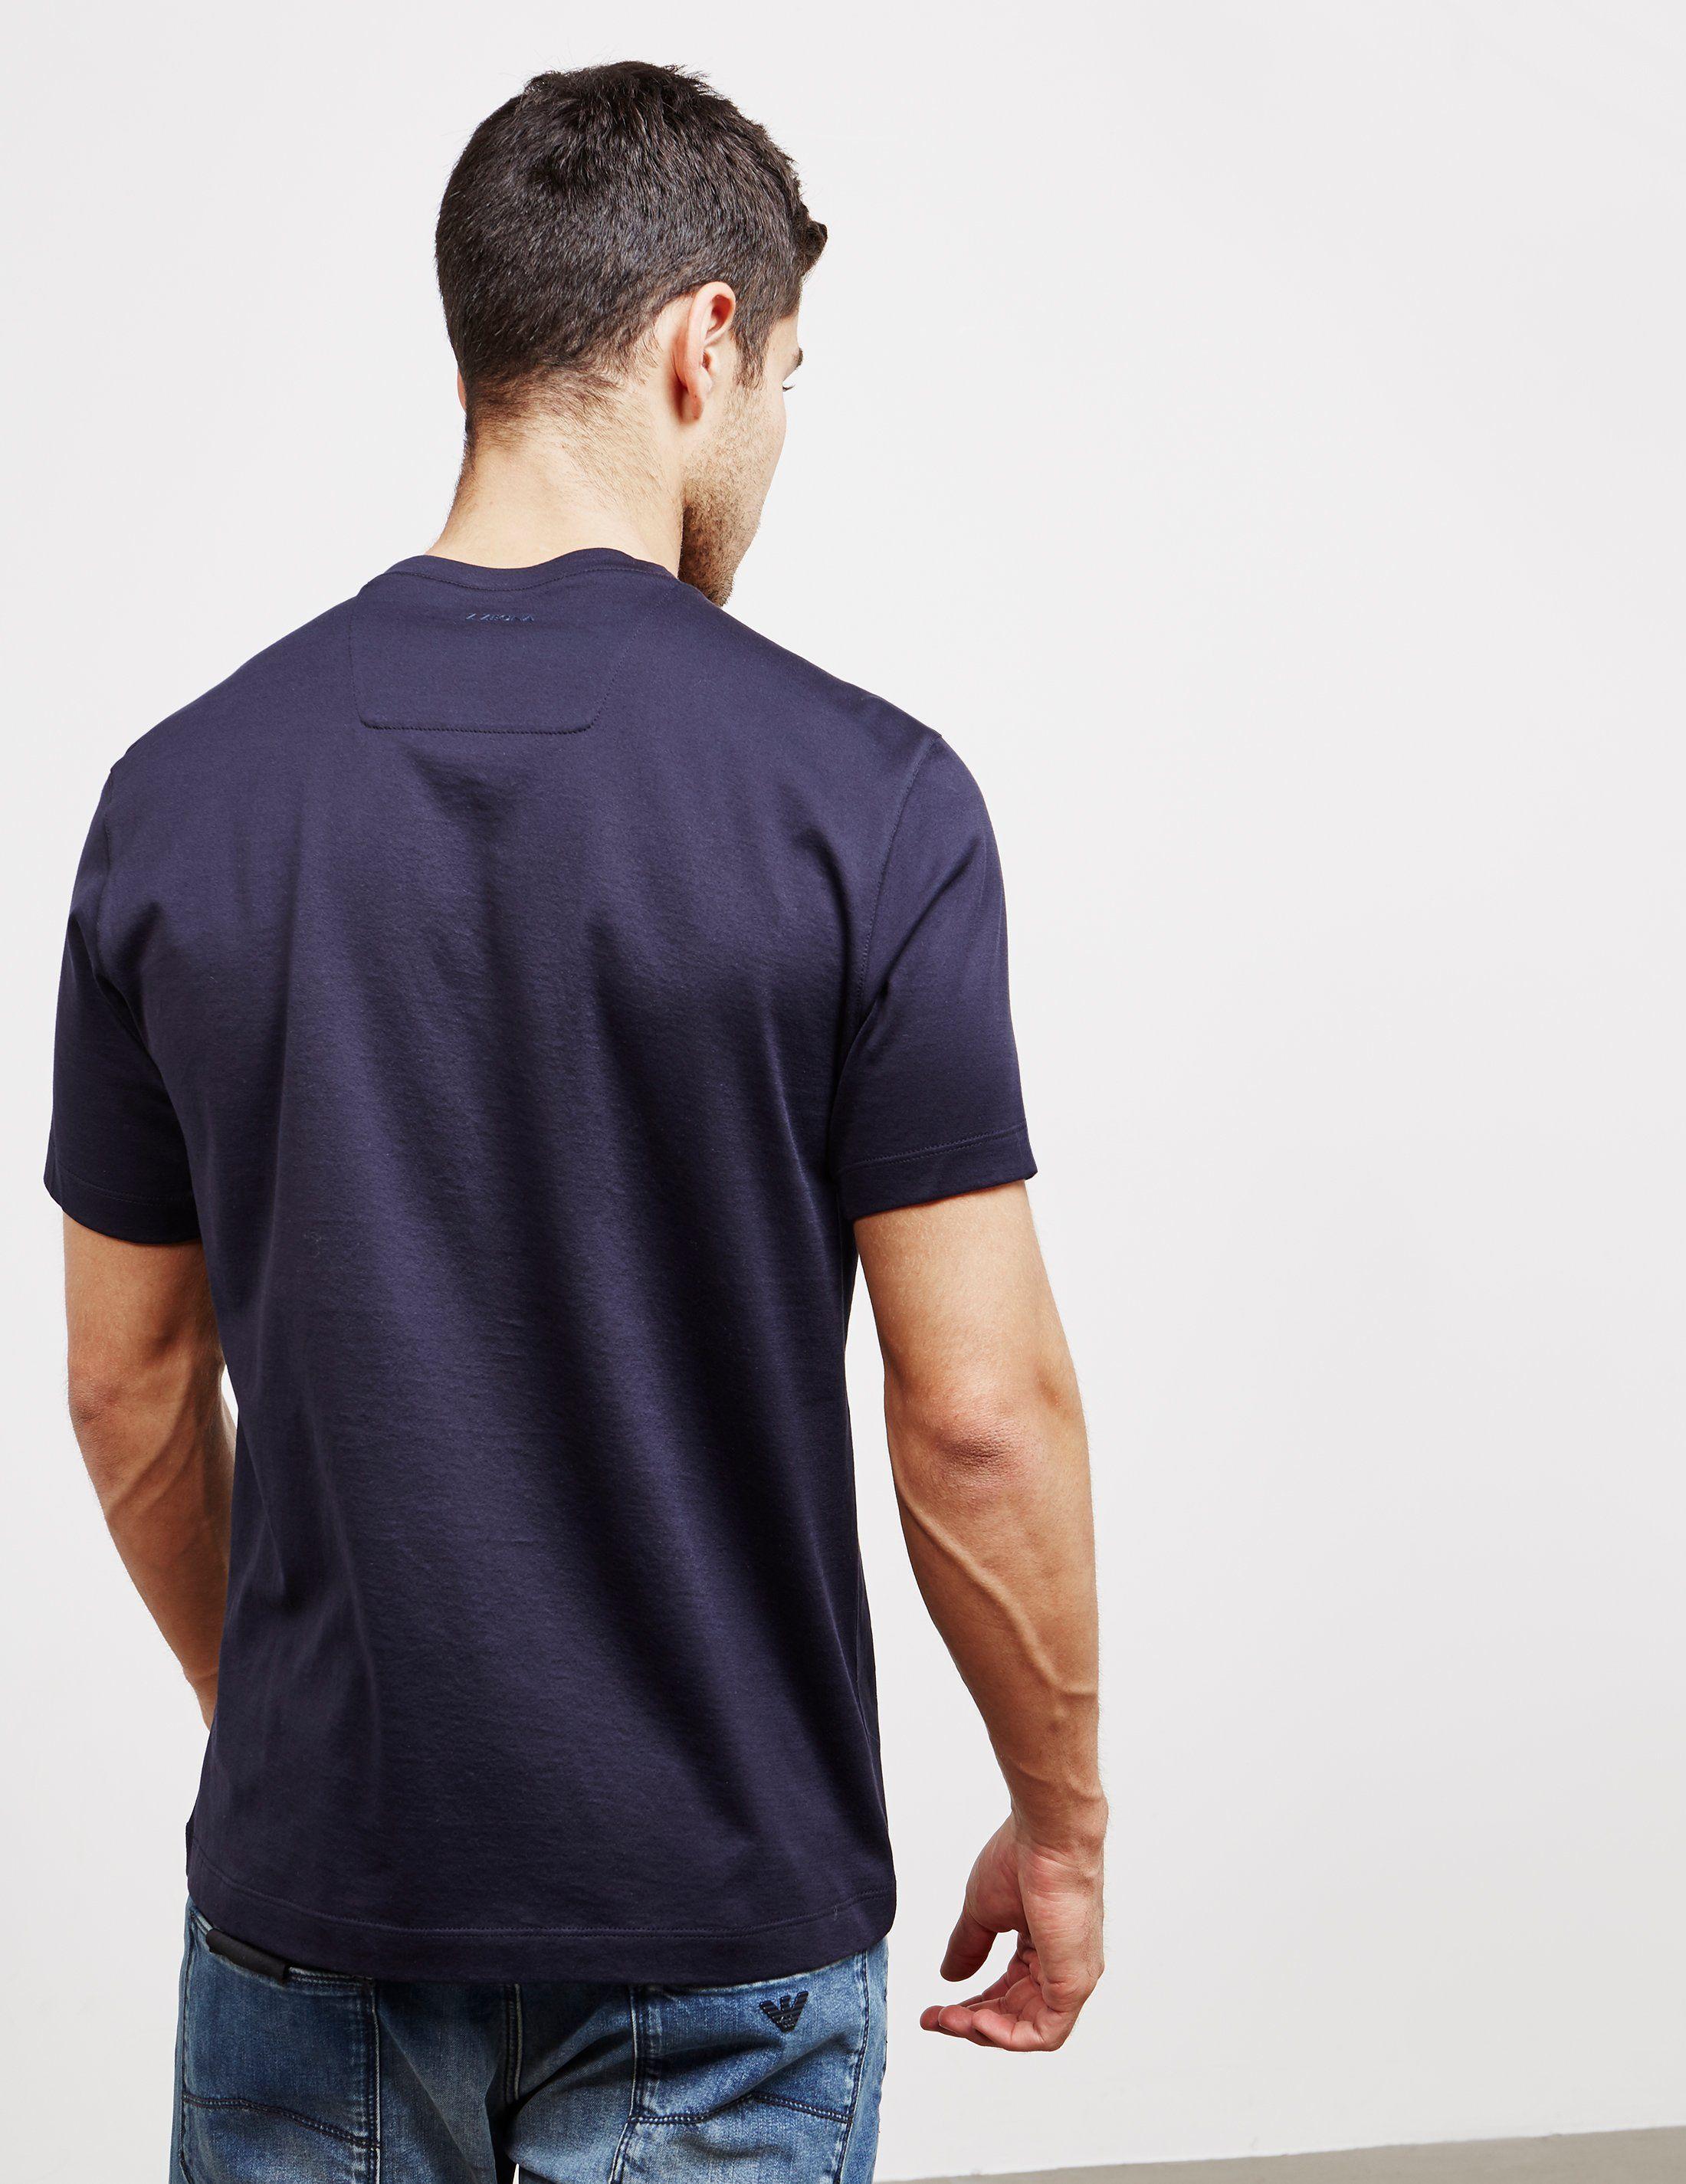 Z Zegna Chess Short Sleeve T-Shirt